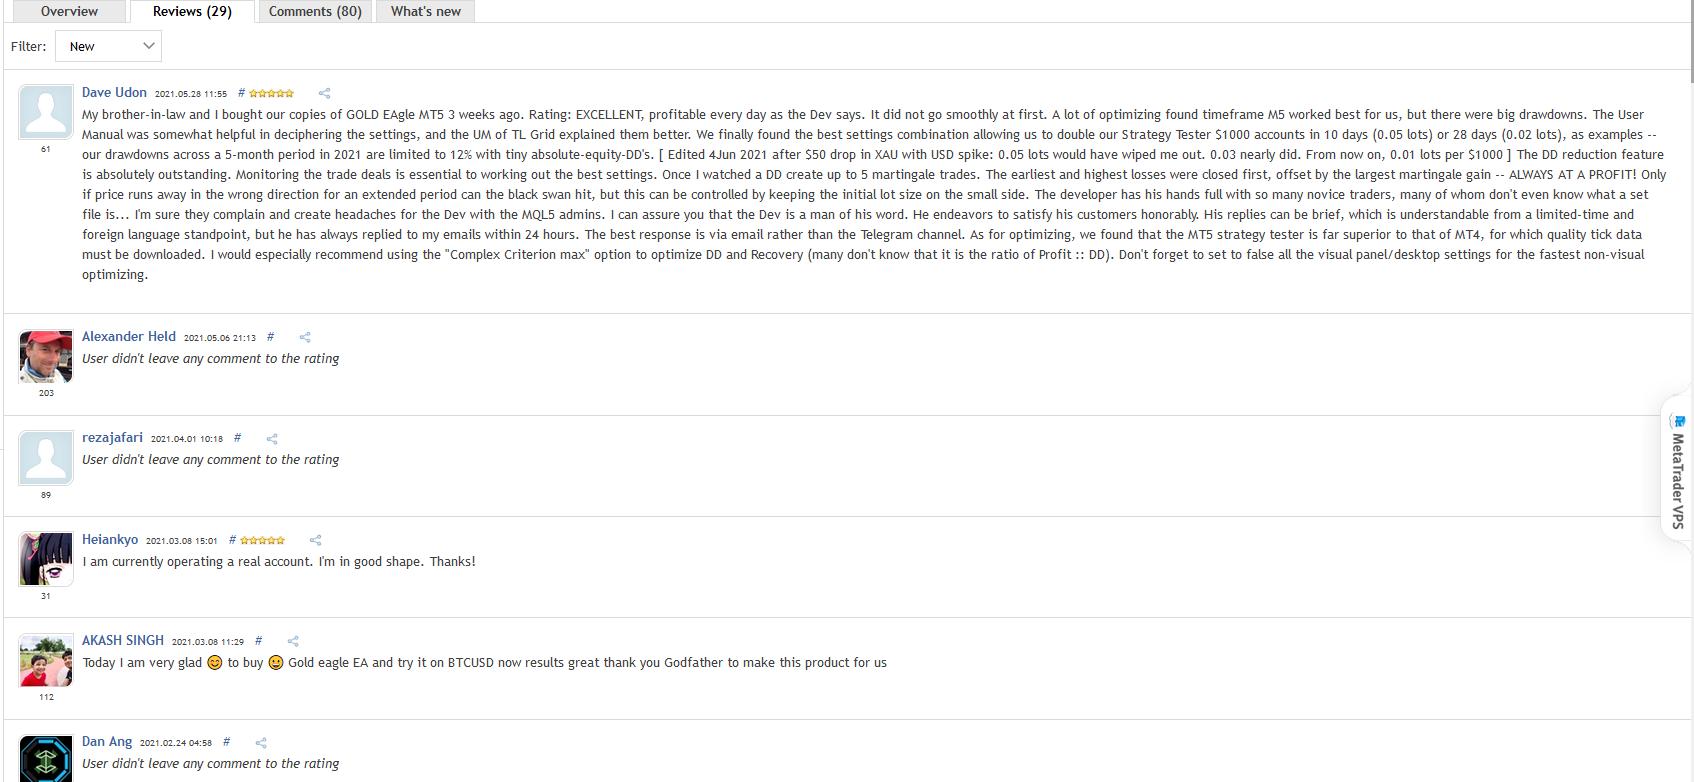 Gold Eagle Customer Reviews